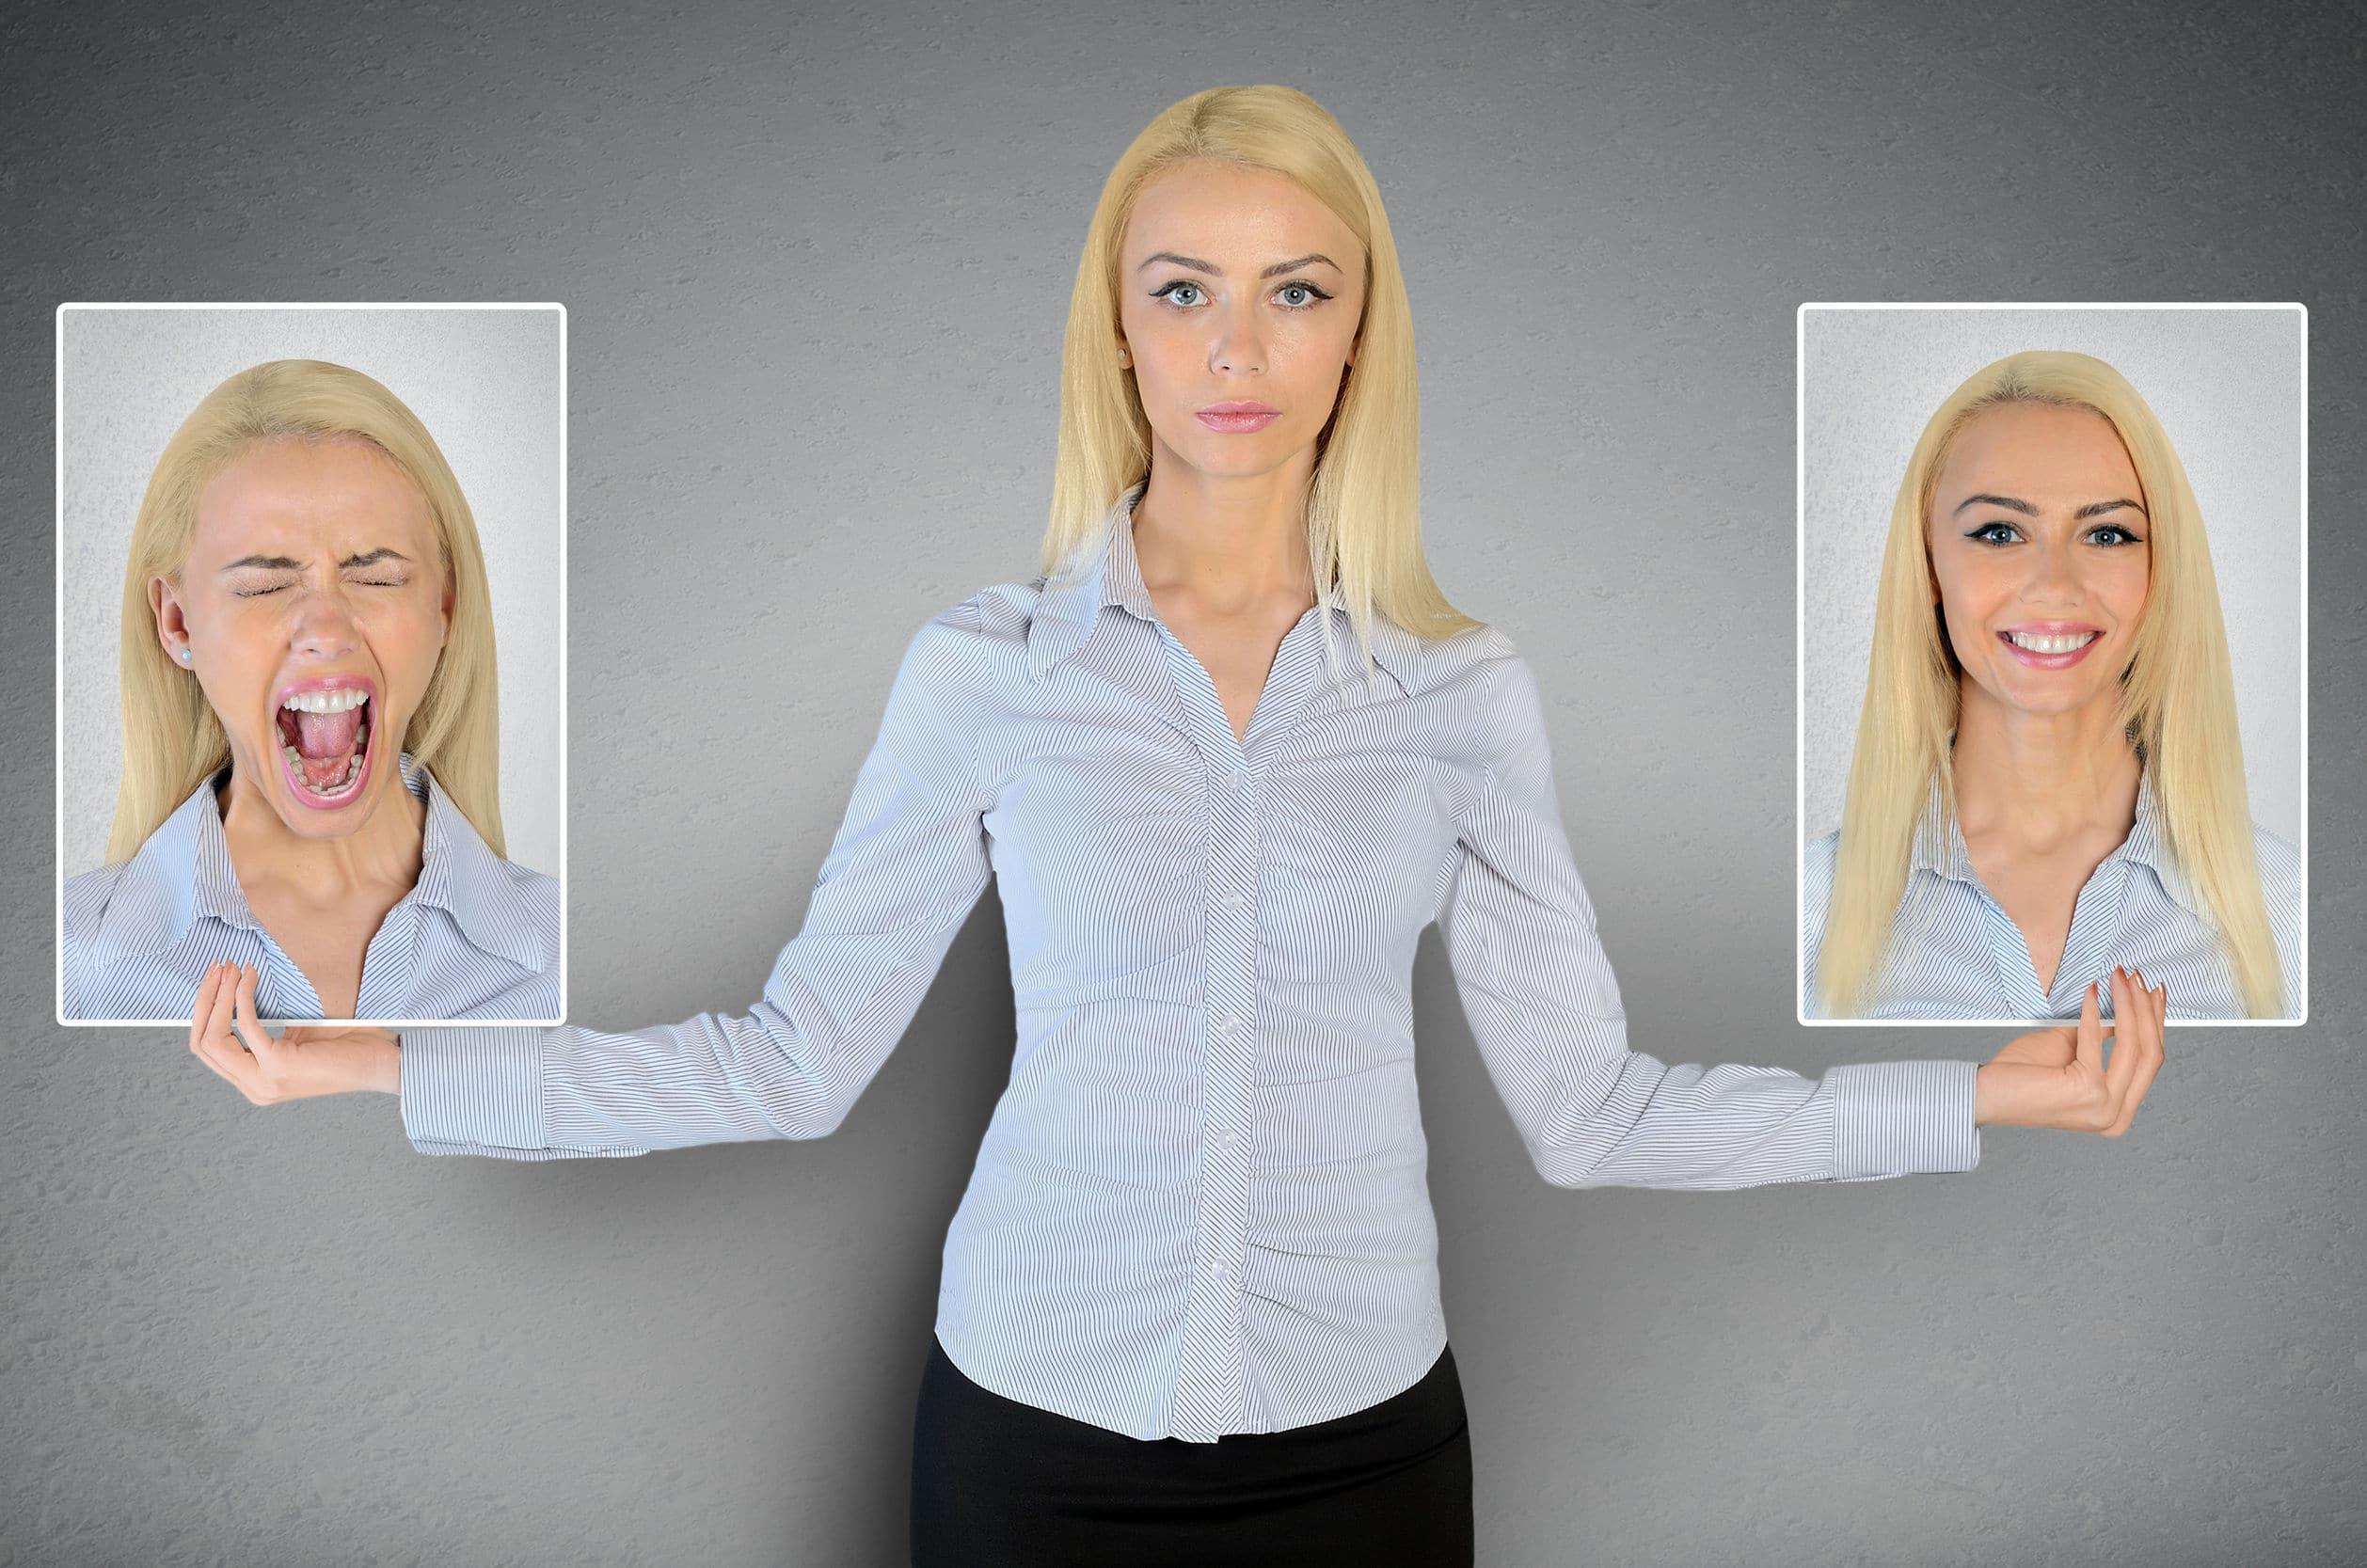 Mulher segurando duas fotografias. Uma sorrindo e a outra gritando. Ela é loira e usa uma camisa listrada azul e branca.